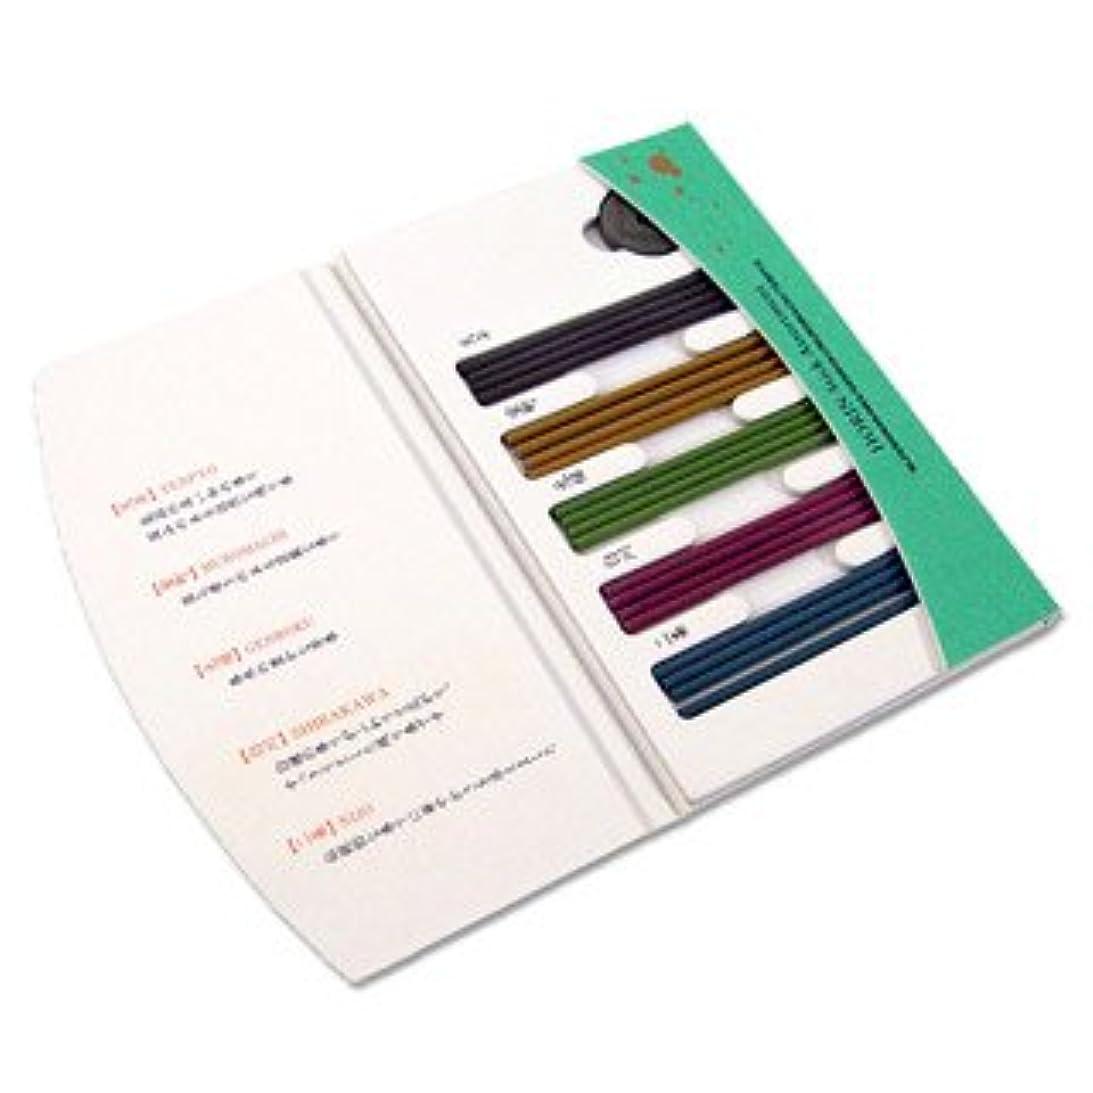 身元セミナー政権Shoyeido's Horin Incense Assortment - 20 Sticks, New.